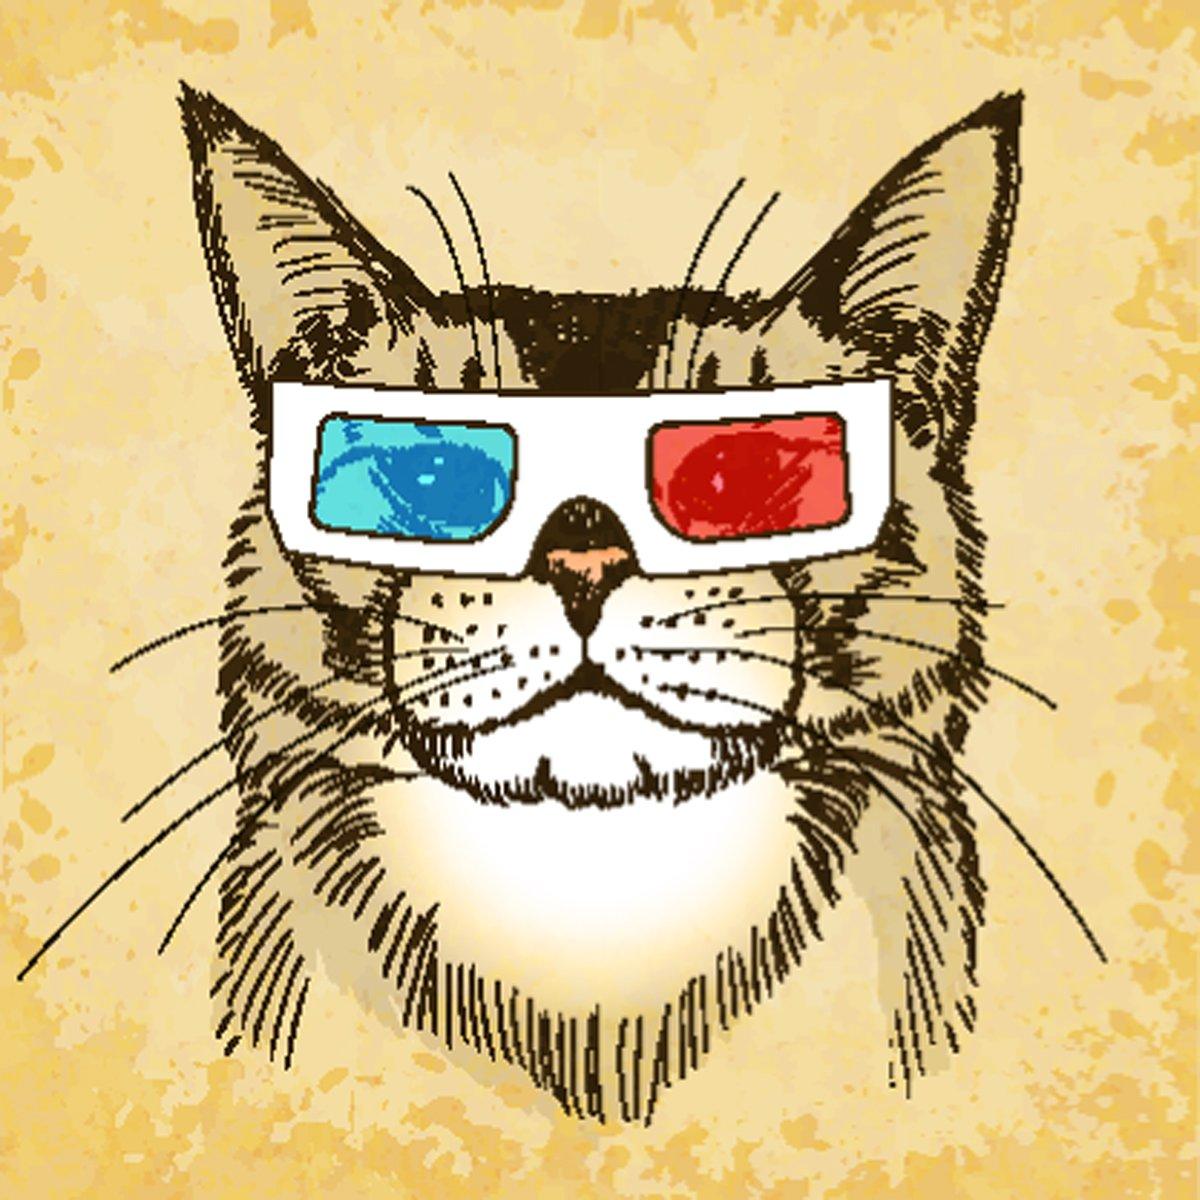 Постер Животные Рисованной кошка с 3d-очками. Векторные иллюстрации, eps10., 20x20 см, на бумагеКошки<br>Постер на холсте или бумаге. Любого нужного вам размера. В раме или без. Подвес в комплекте. Трехслойная надежная упаковка. Доставим в любую точку России. Вам осталось только повесить картину на стену!<br>